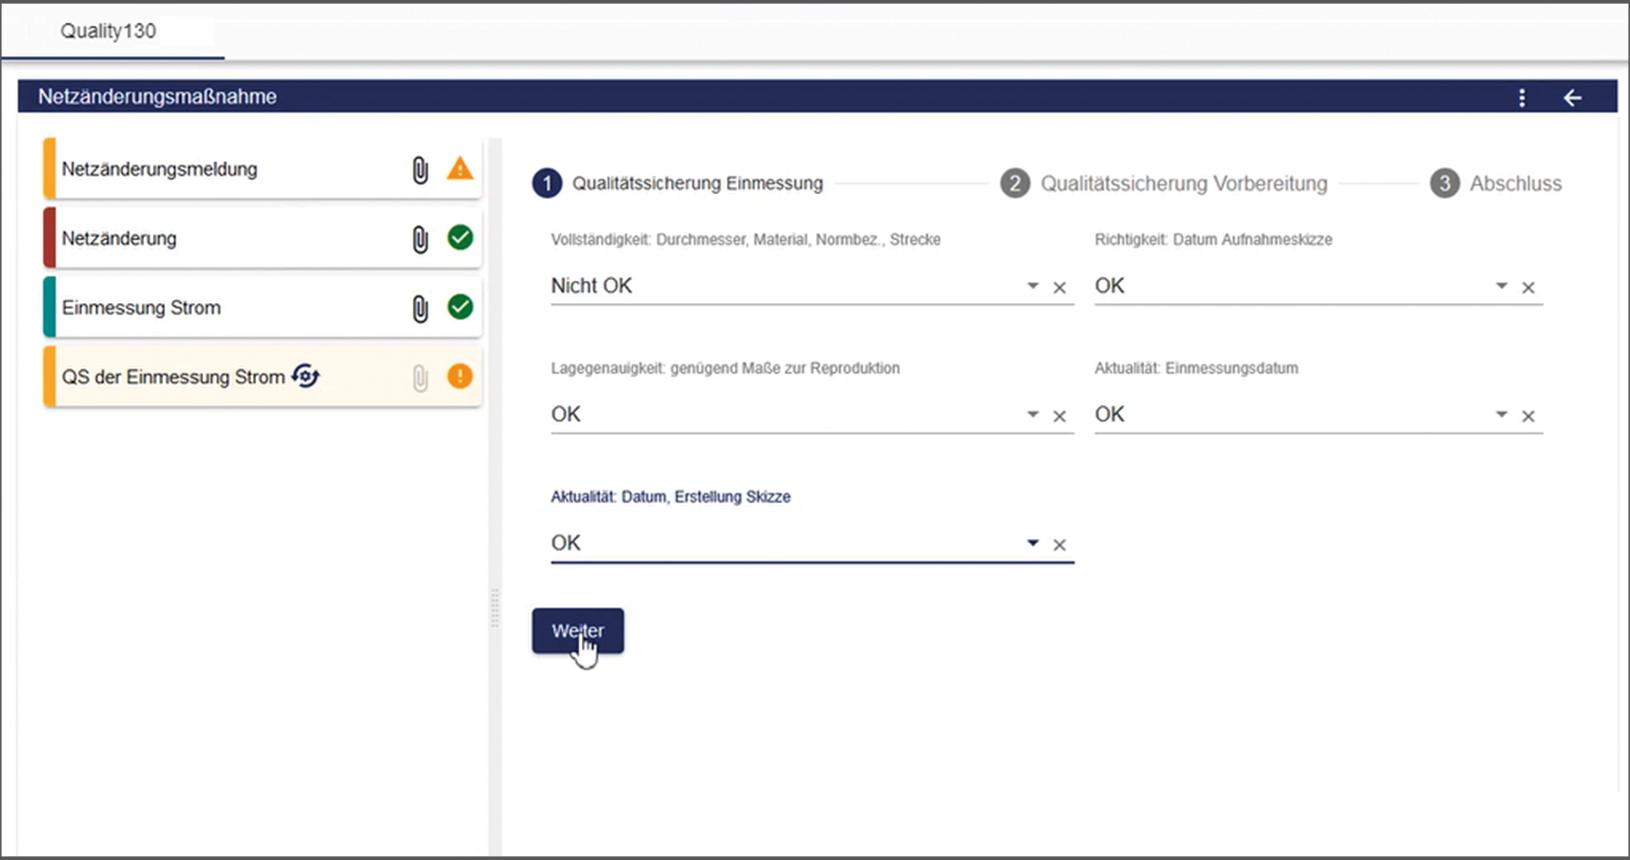 Quality130 Workflow für die Netzdokumentation